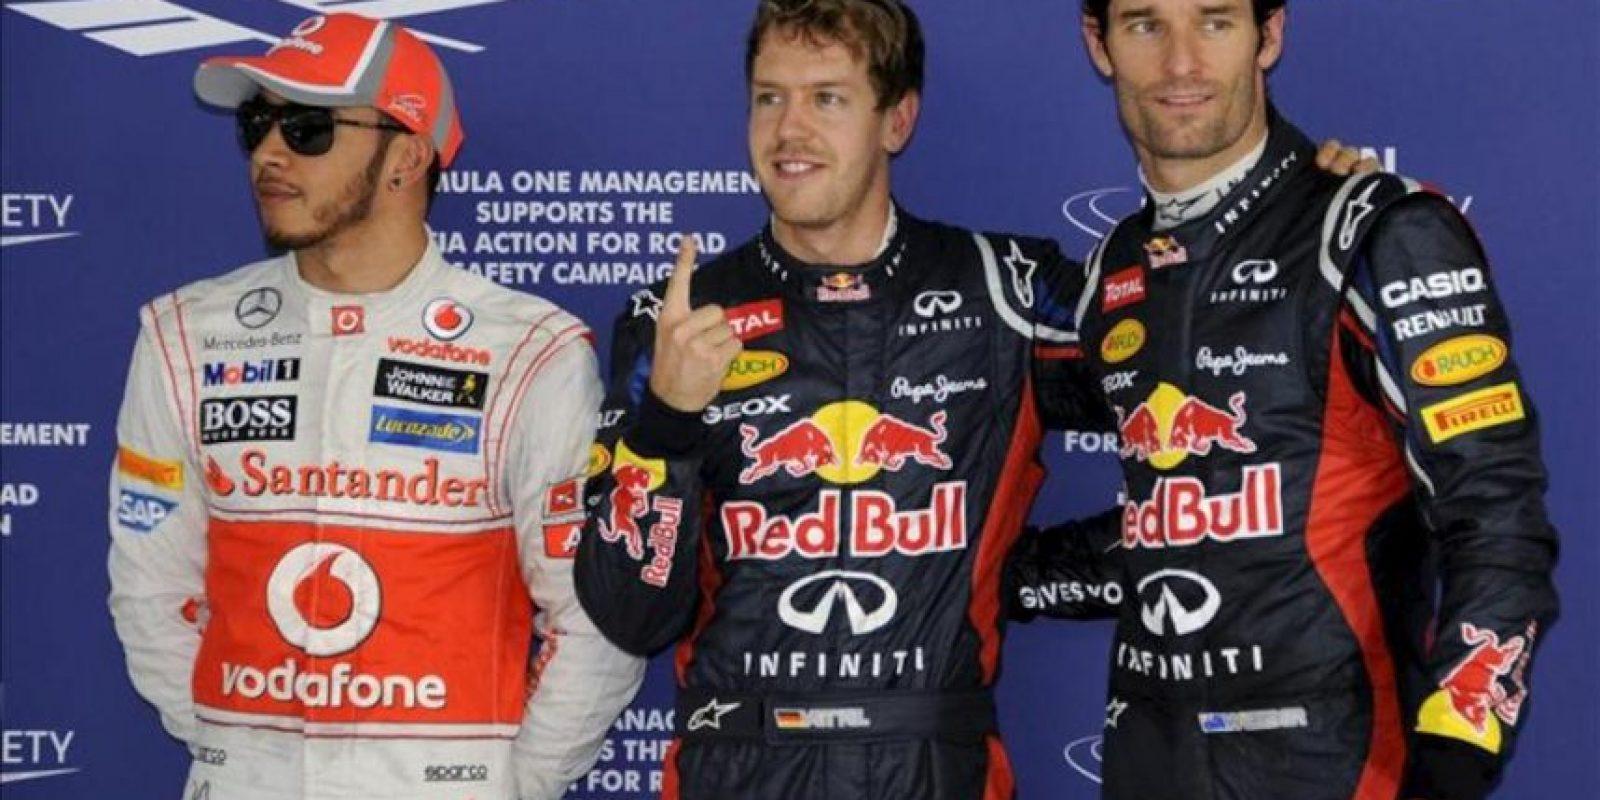 El piloto alemán de Red Bull Sebastian Vettel (c) posa con su compañero de equipo, el piloto australiano Mark Webber (d) y el británico Lewis Hamilton, de McLaren Mercedes, tras la ronda de clasificación del Gran Premio de la India de Fórmula Uno. EFE